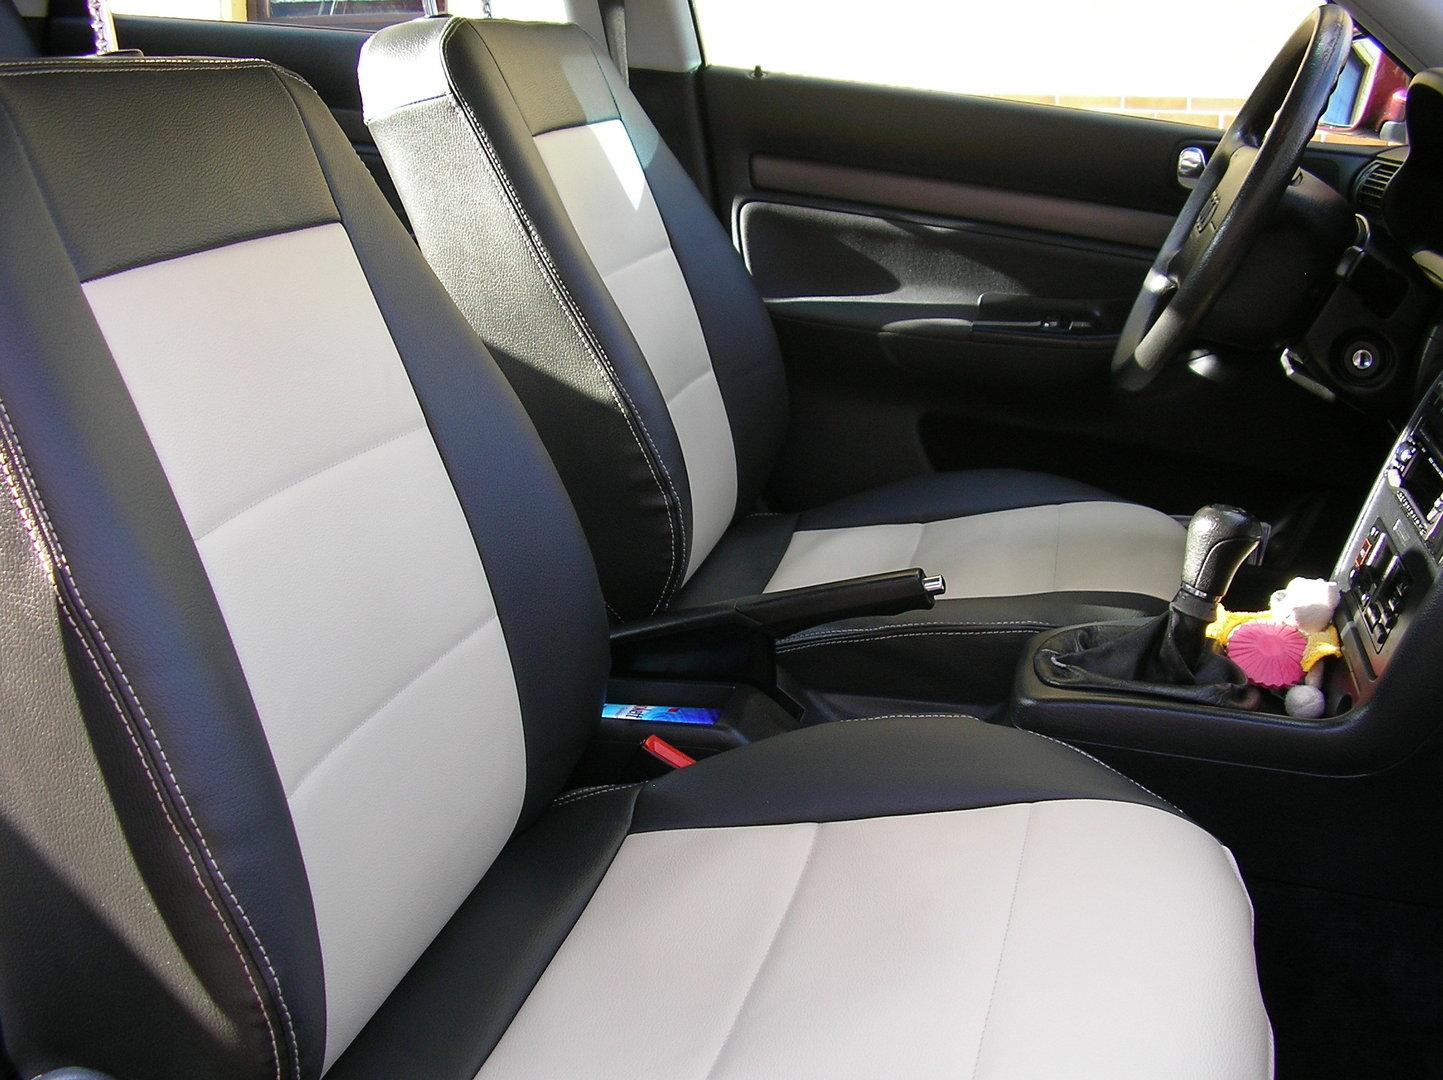 Audi A4 B5 Sitzbezüge, Lederausstattung, Ledersitze